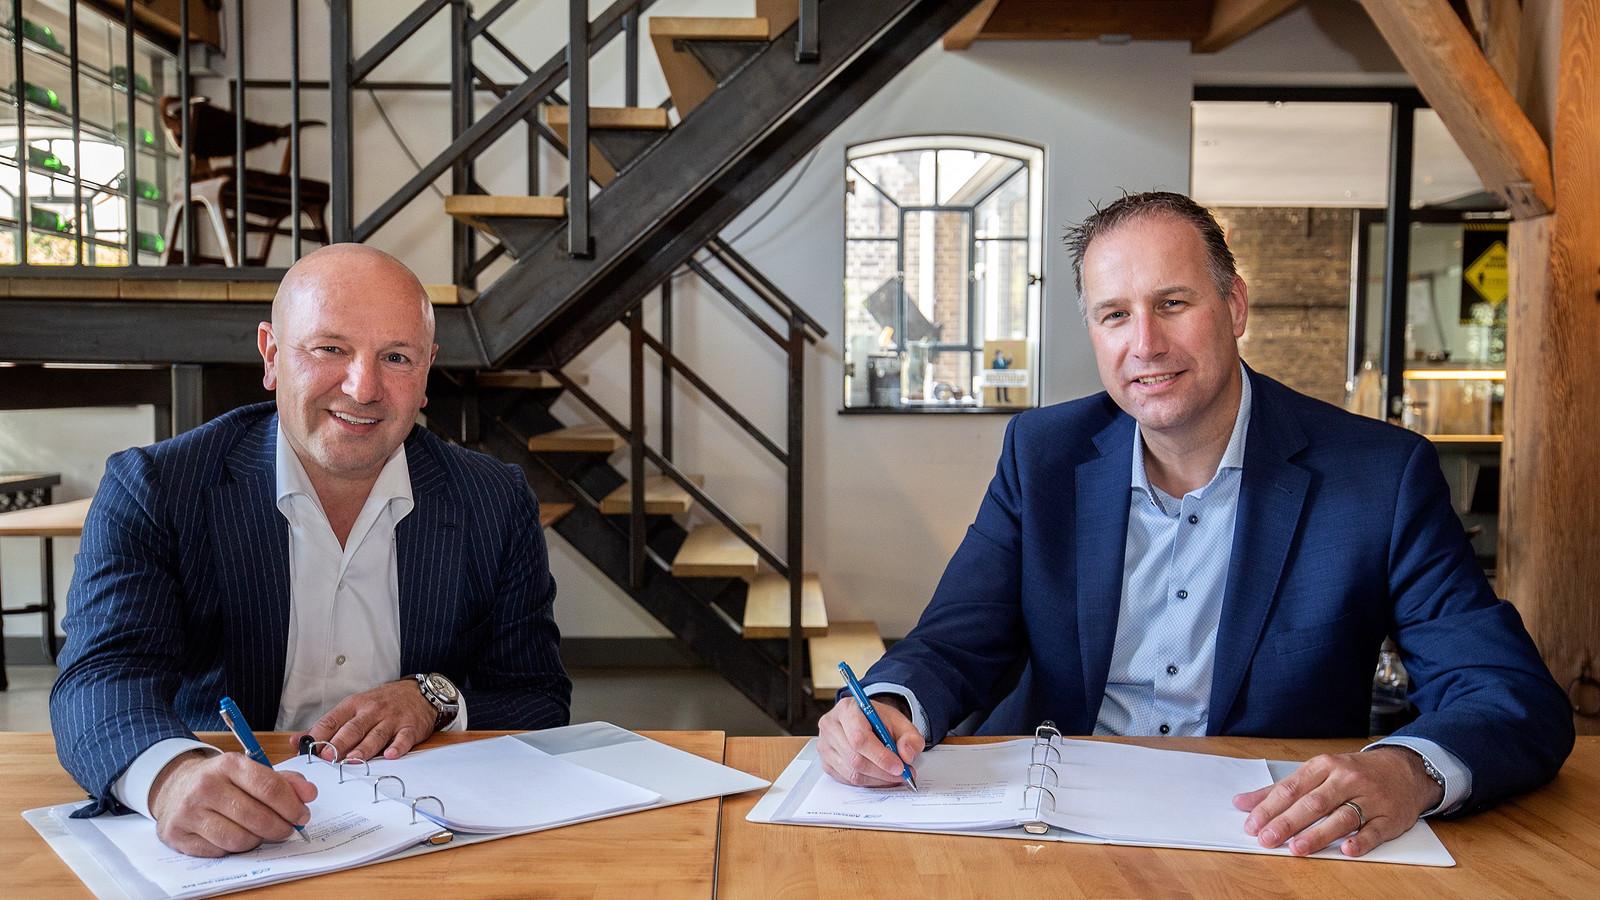 Edward Koornneef van Samen Ontwikkelen Westland (links) en Arie Houweling van Slavenburg Bouw zetten hun handtekening voor de realisatie van De Rentmeester in Naaldwijk.